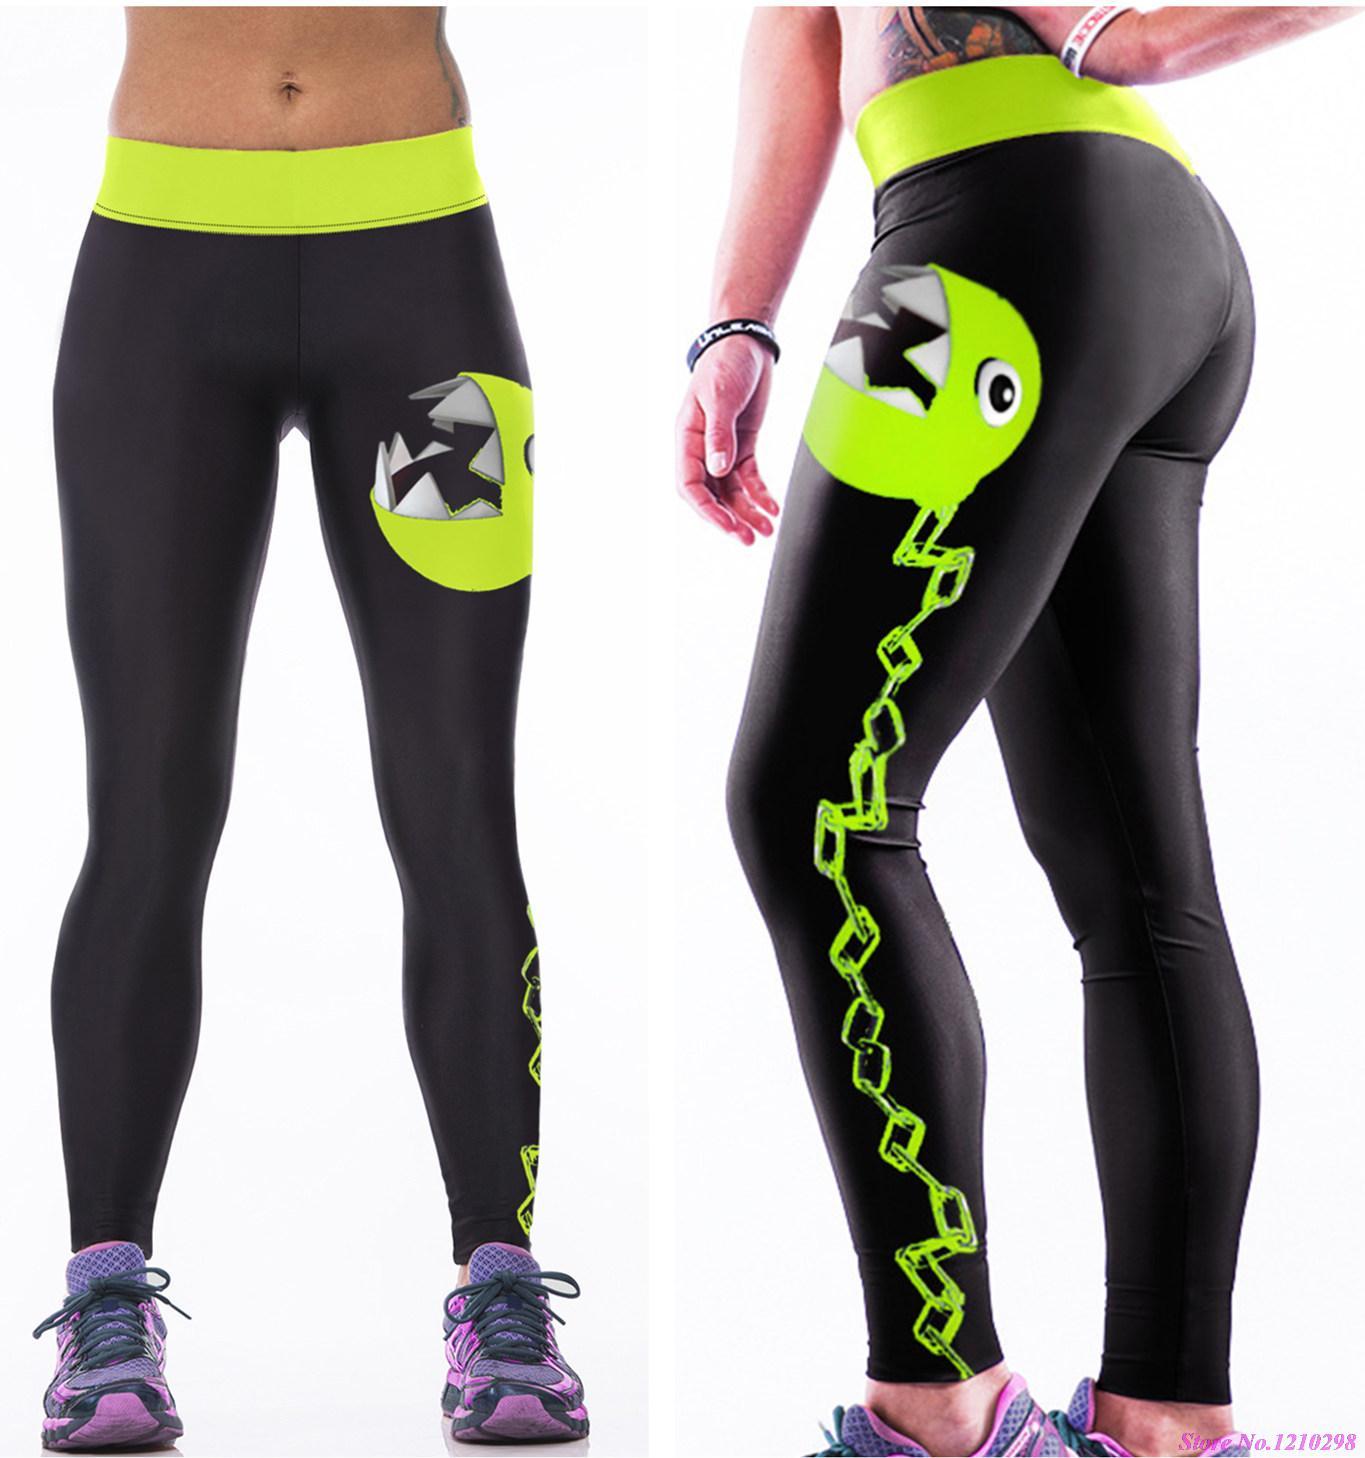 Female Fitness Running Trousers Slim Leggings SHINY GREEN